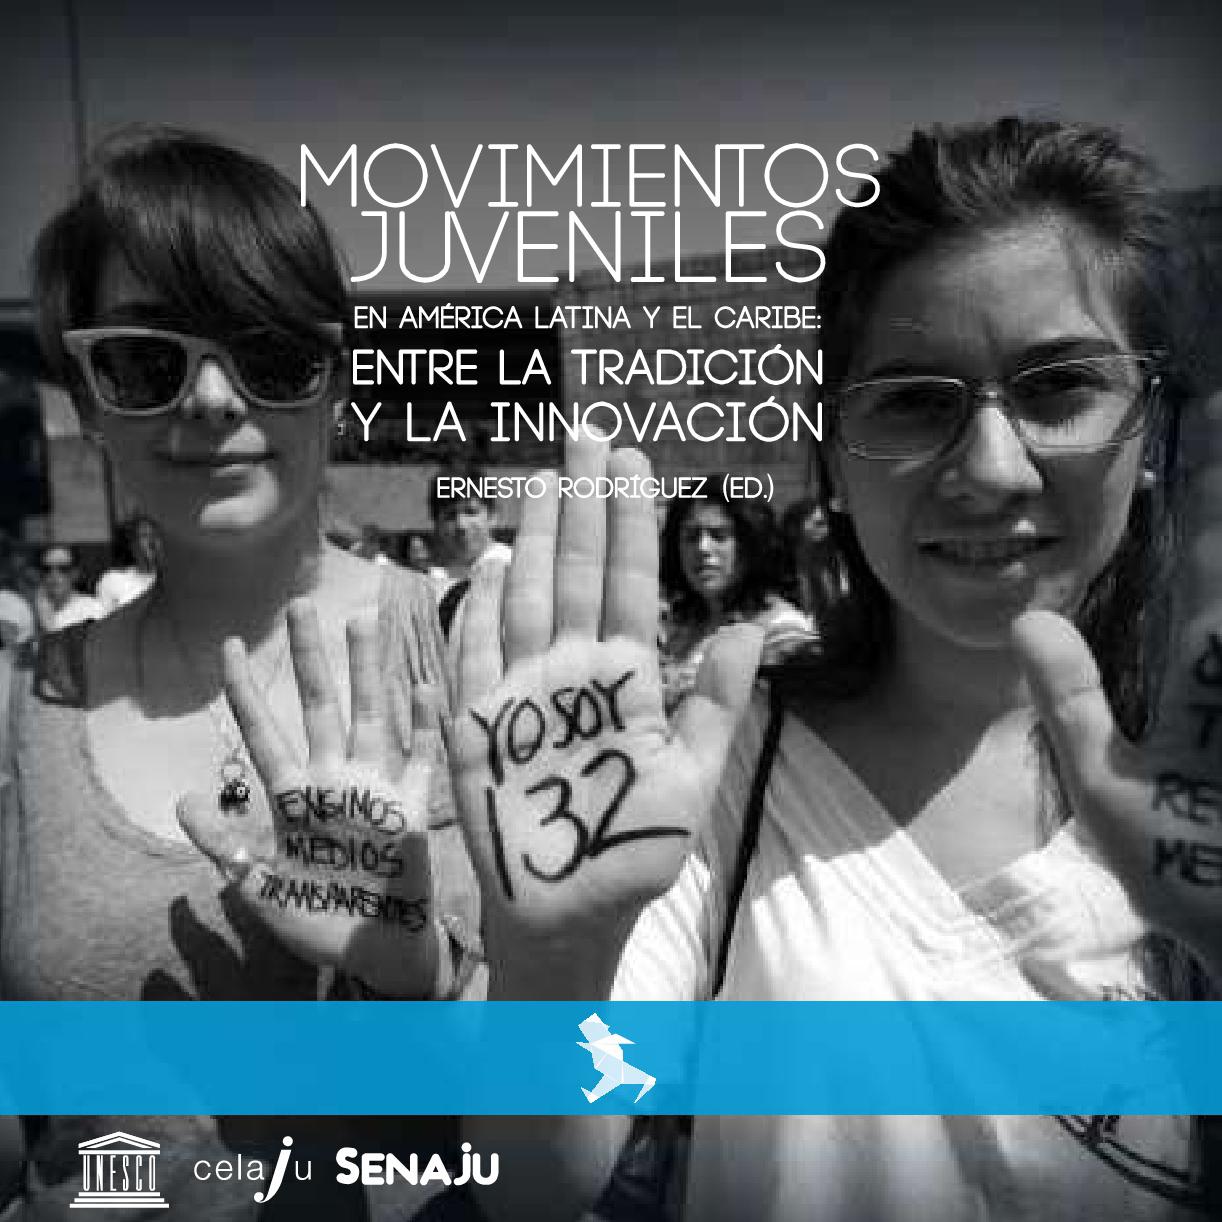 Movimientos Juveniles en América Latina y el Caribe- Entre la tradición y la innovación